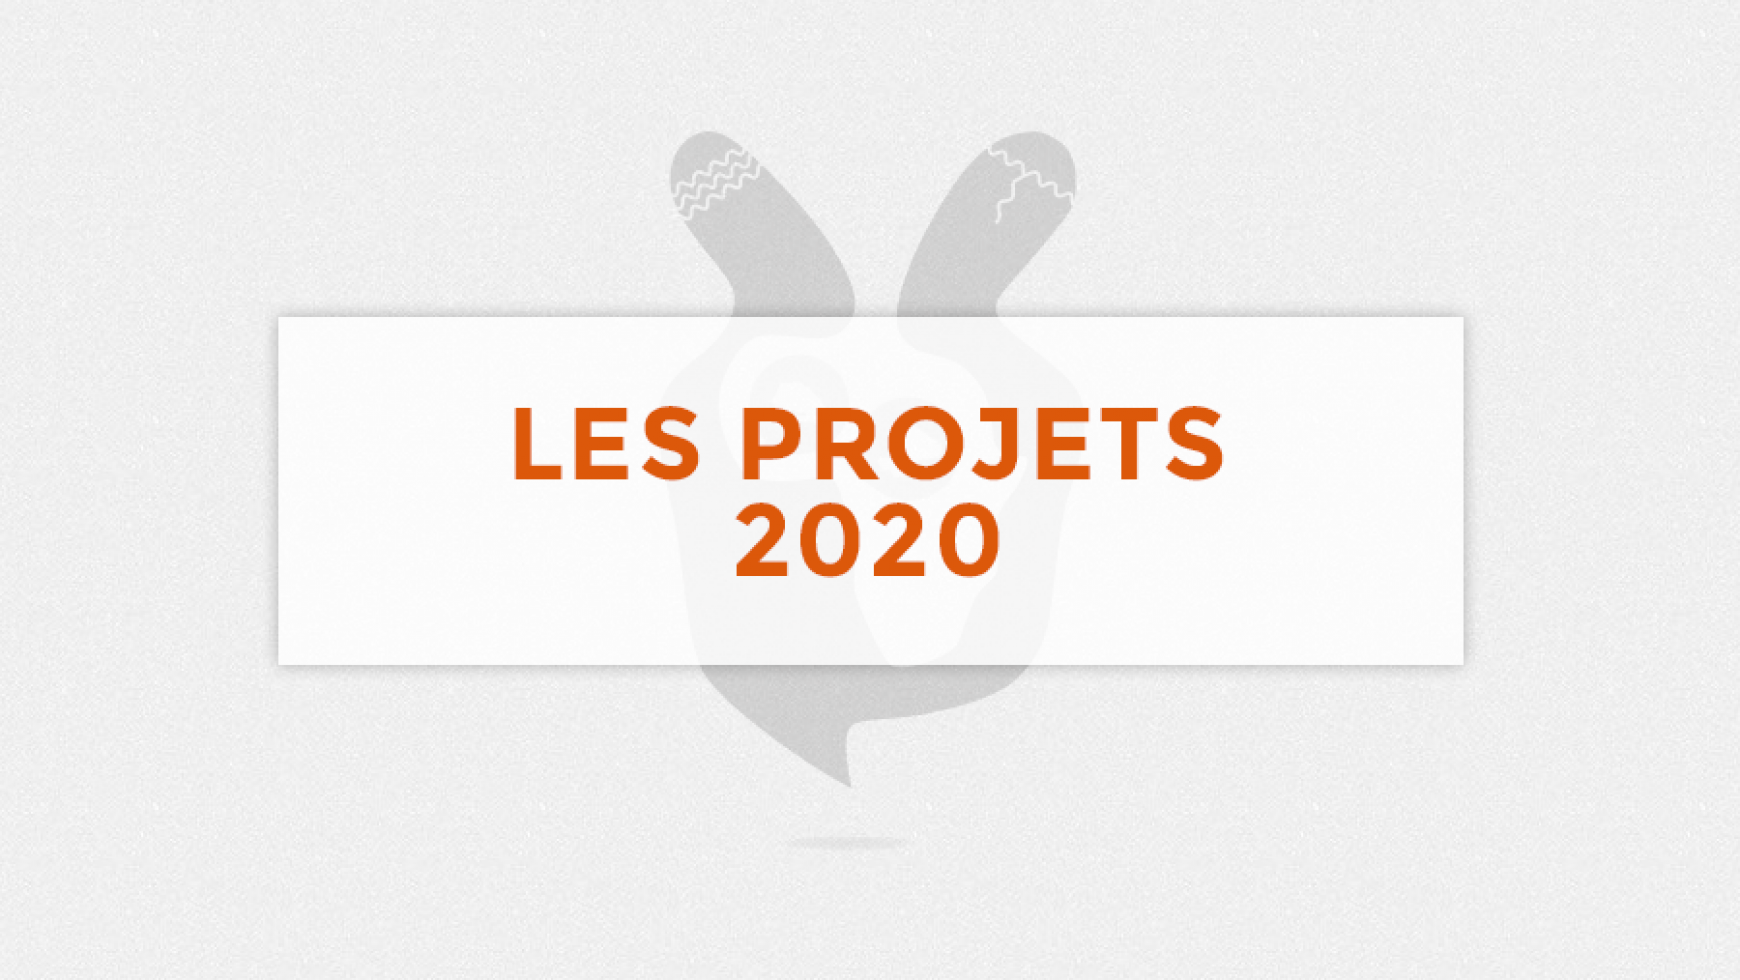 Projet en cours 2020